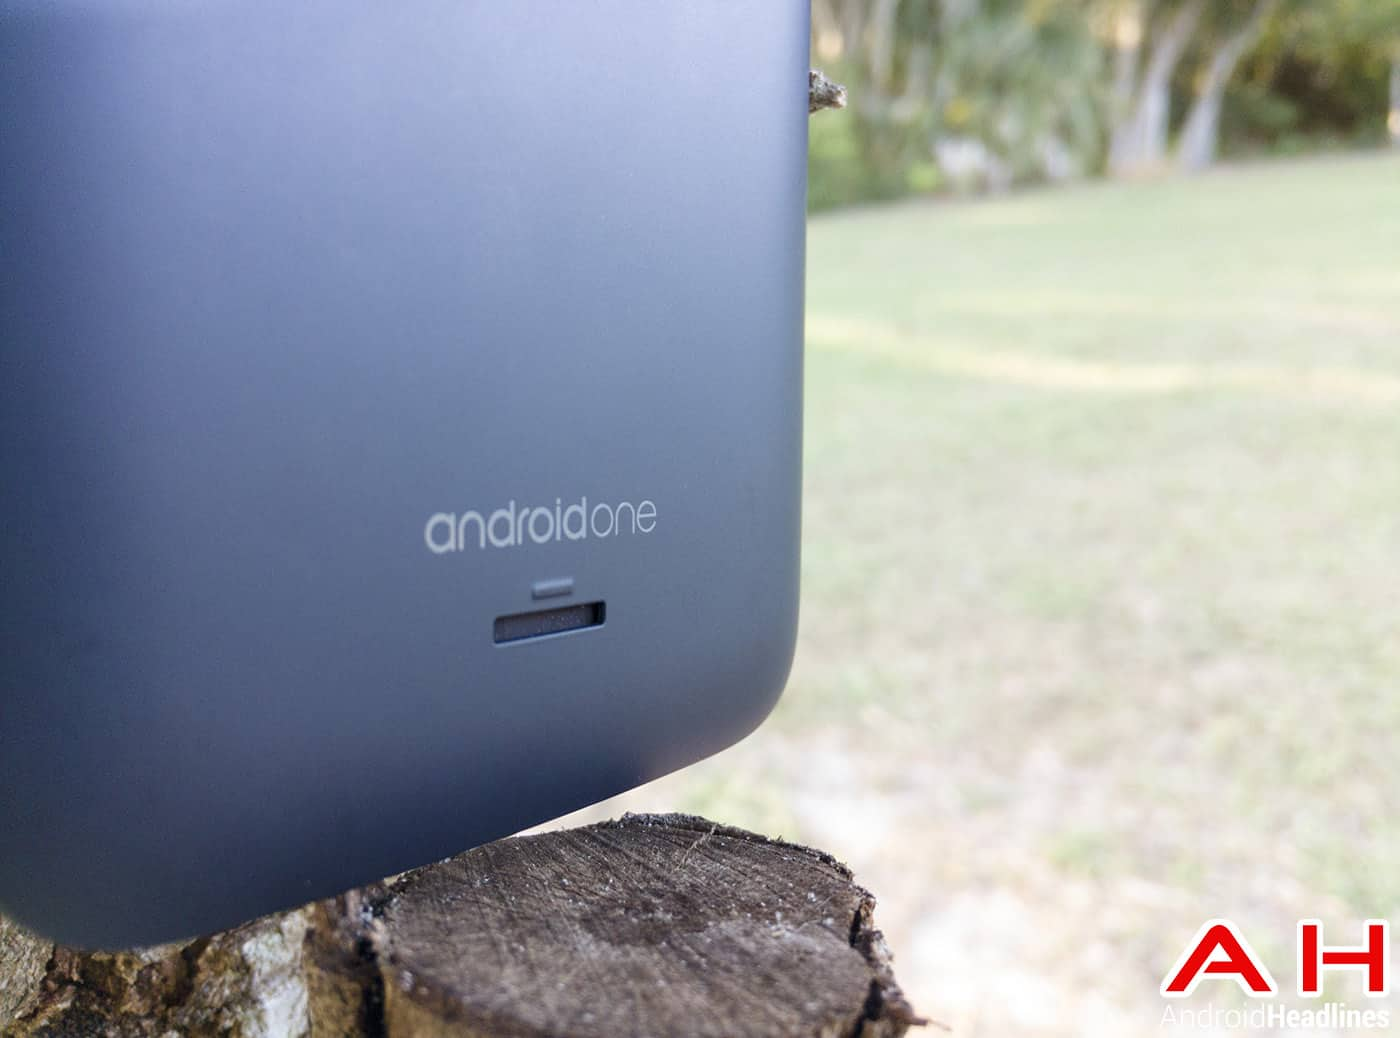 Karbonn-Sparkle-V-Android-One